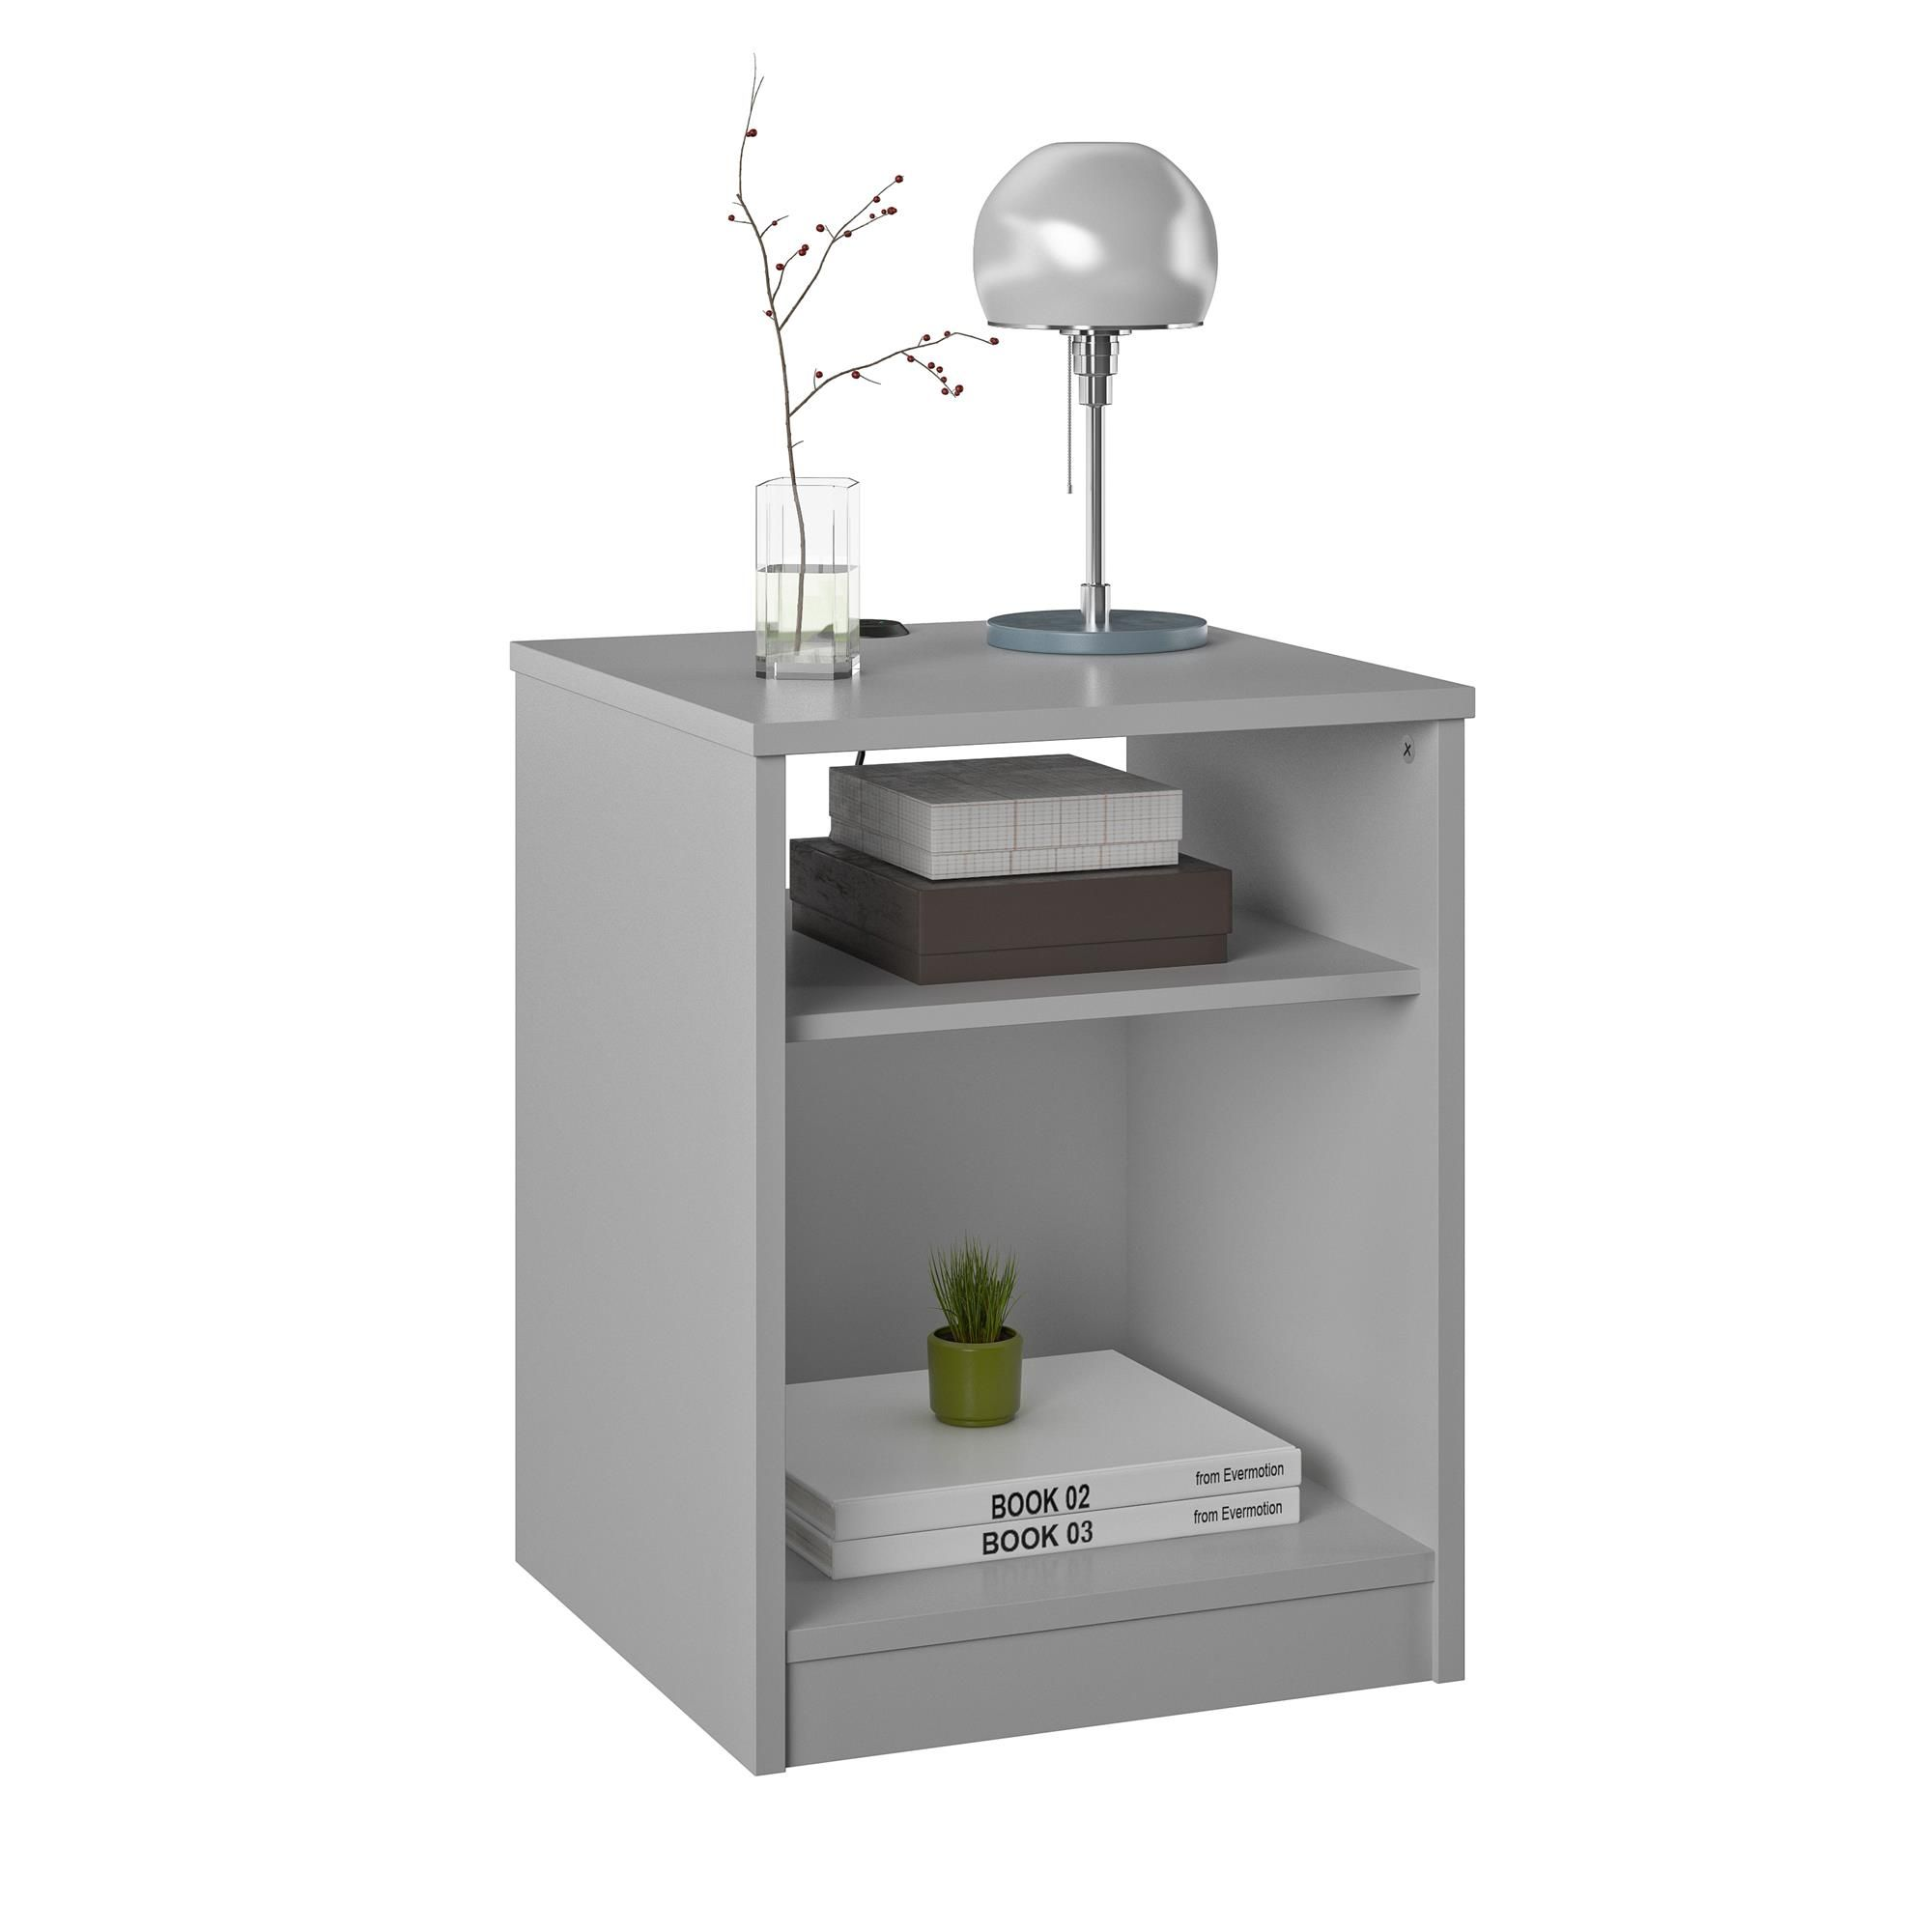 Home Shelf Nightstand Open Shelving Shelves